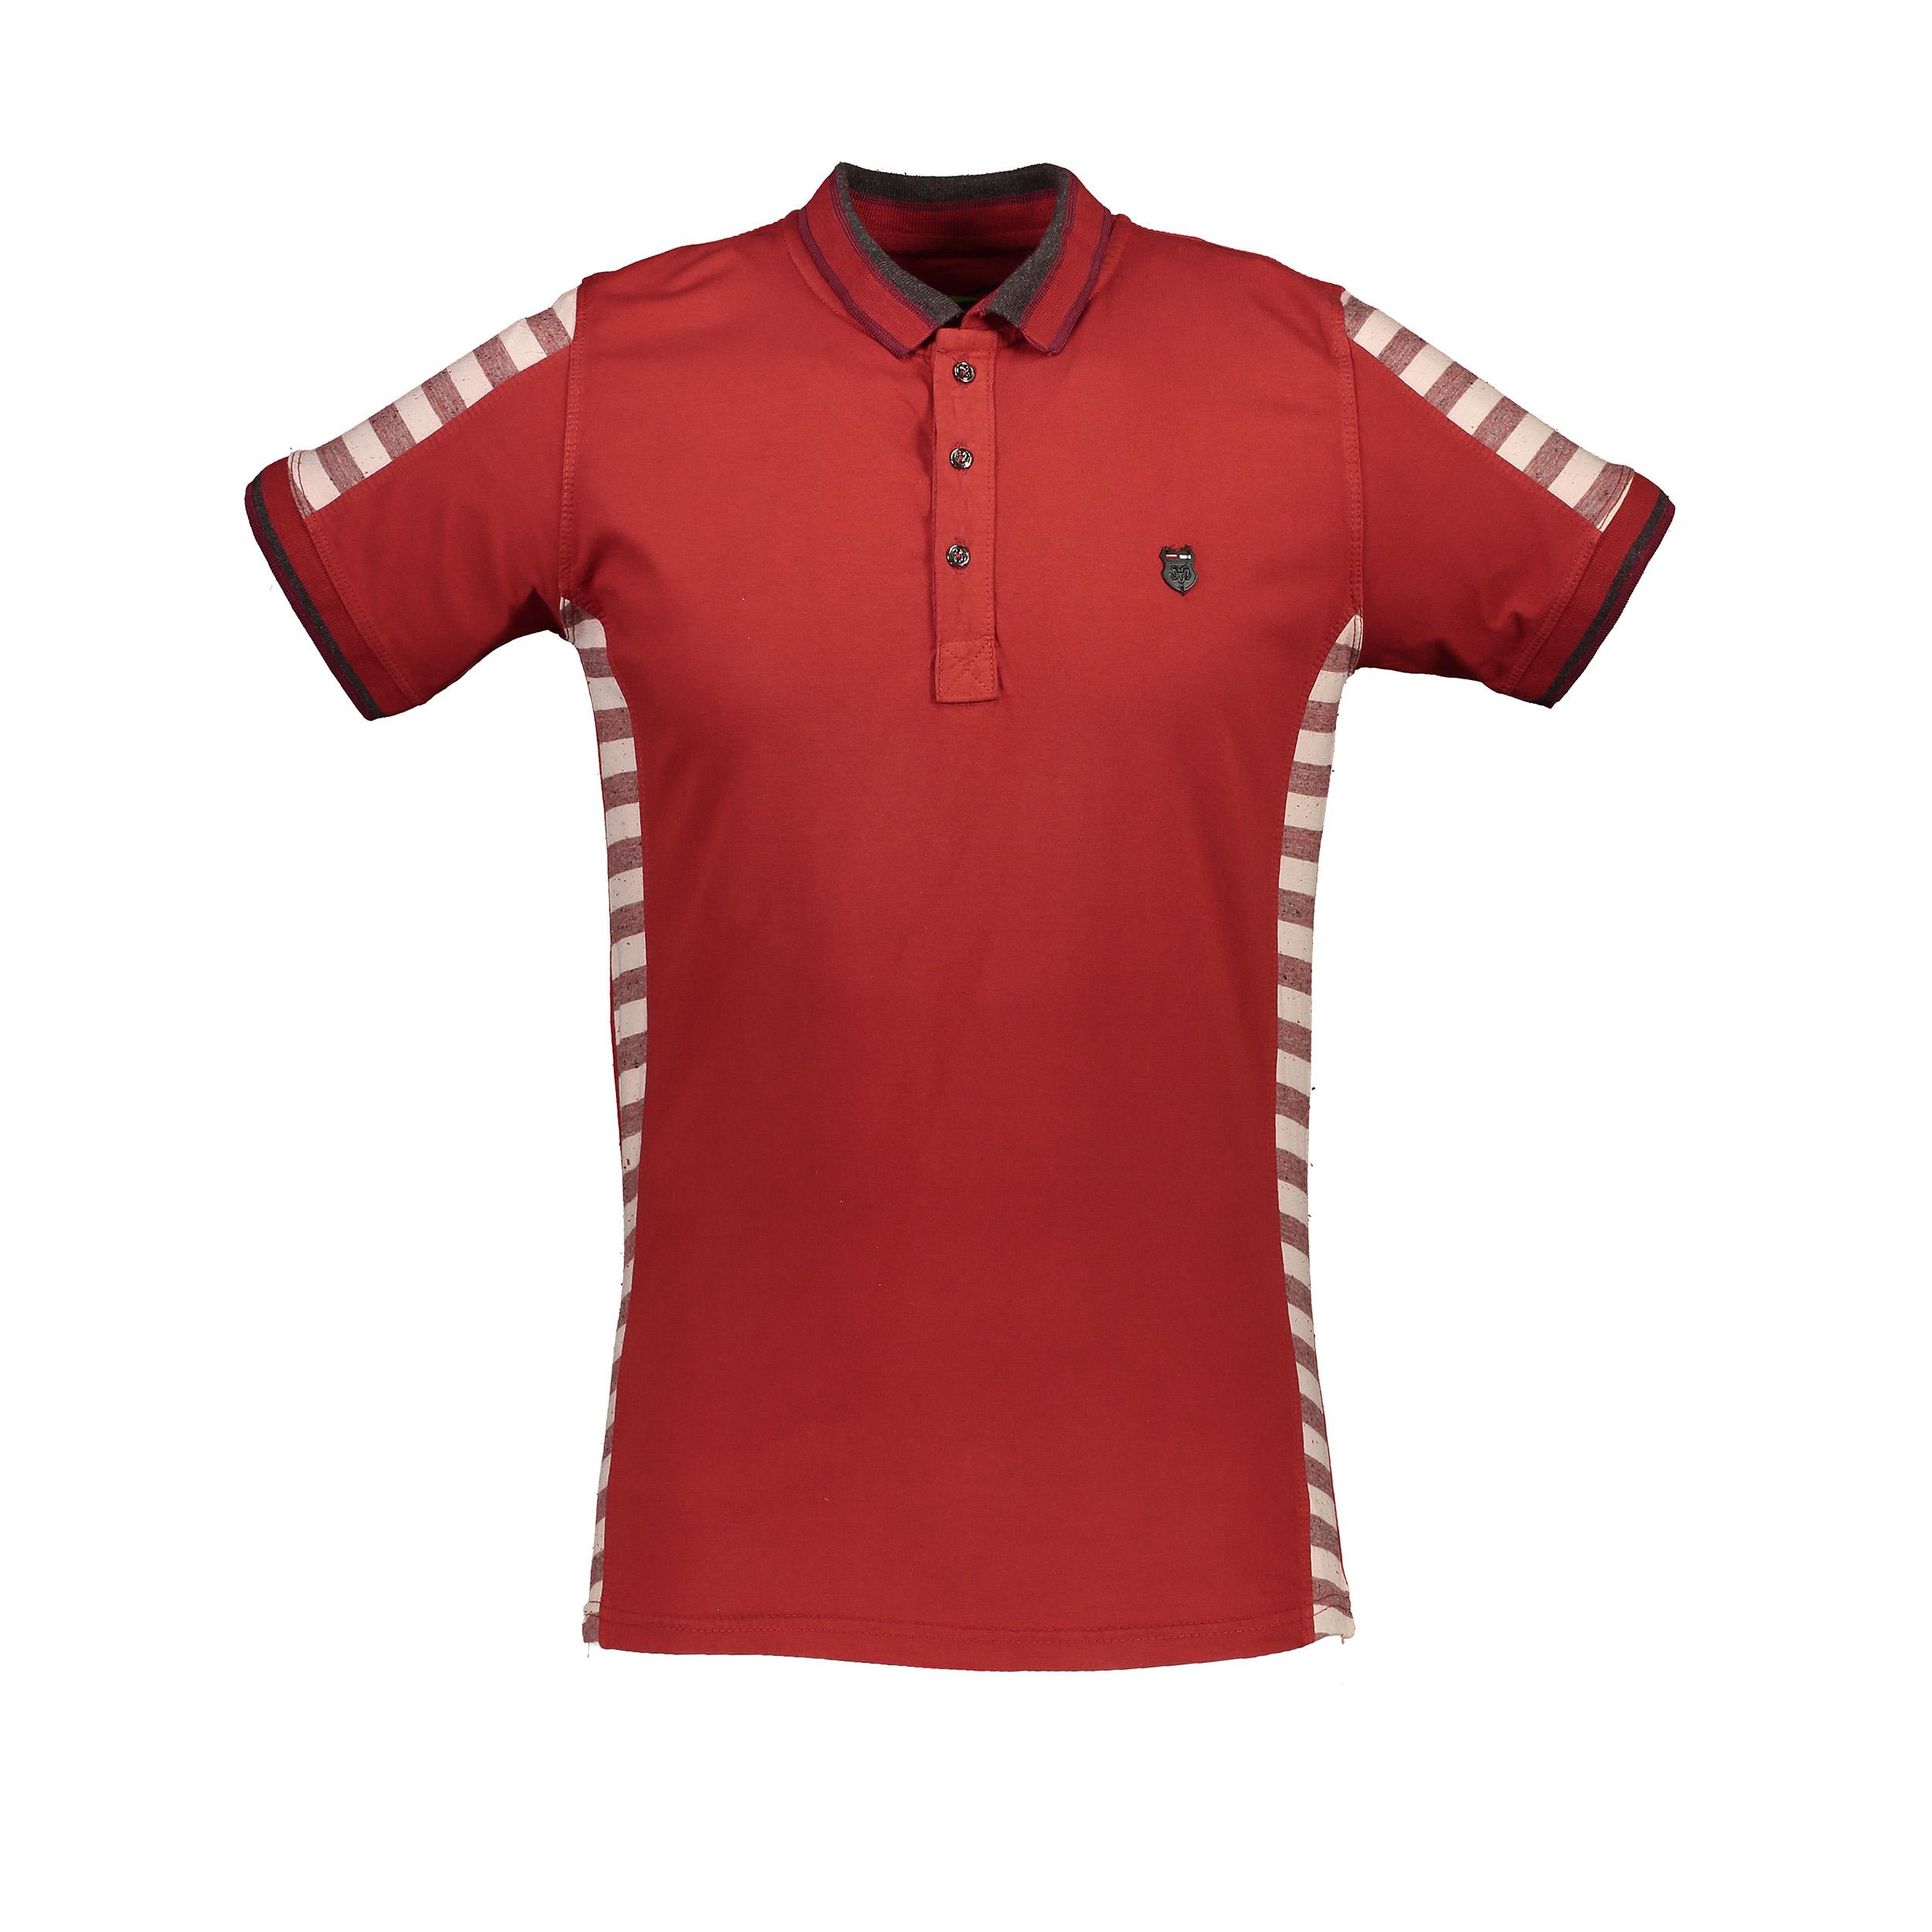 تی شرت آستین کوتاه مردانه تی اس کد btt 313-2